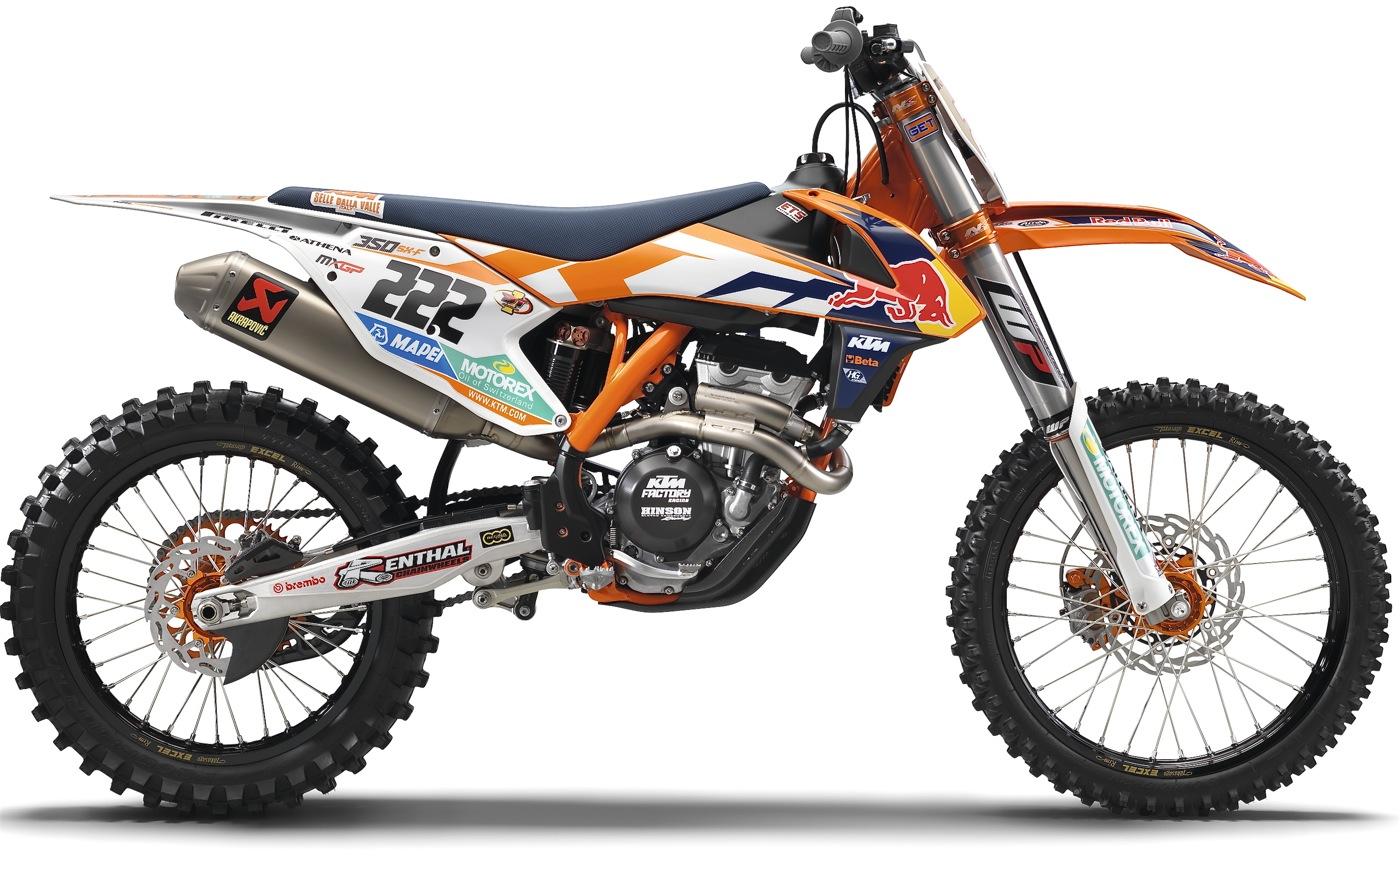 Harga Motor Trail Kawasaki Yamaha Honda Viar Dan Ktm Dan